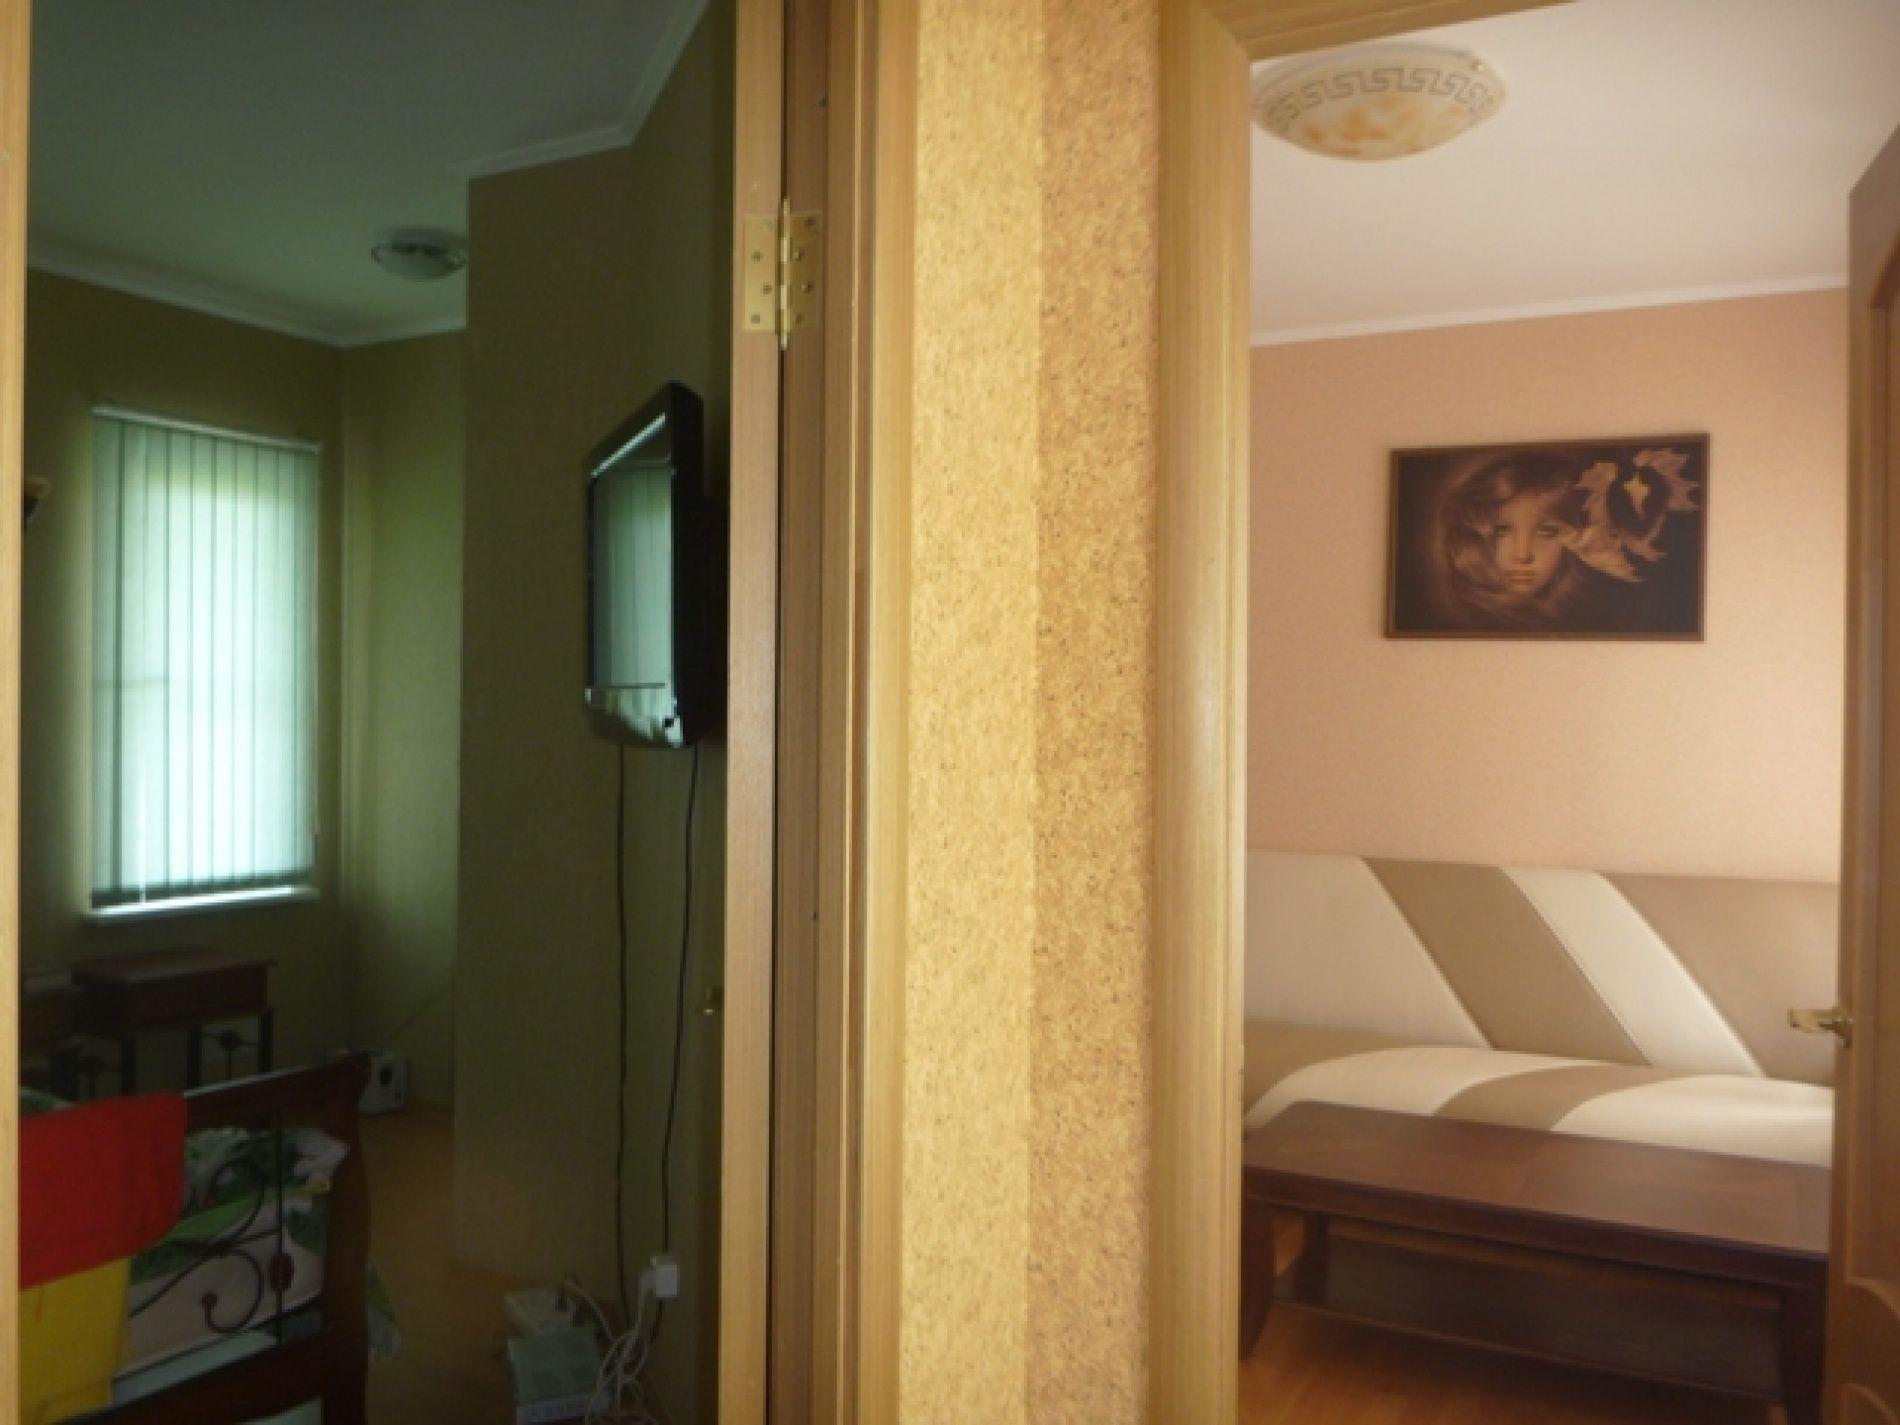 """База отдыха """"Абдулкин Ерик"""" Астраханская область 2-х комнатные двухместные номера в Плавучей гостинице, фото 2"""